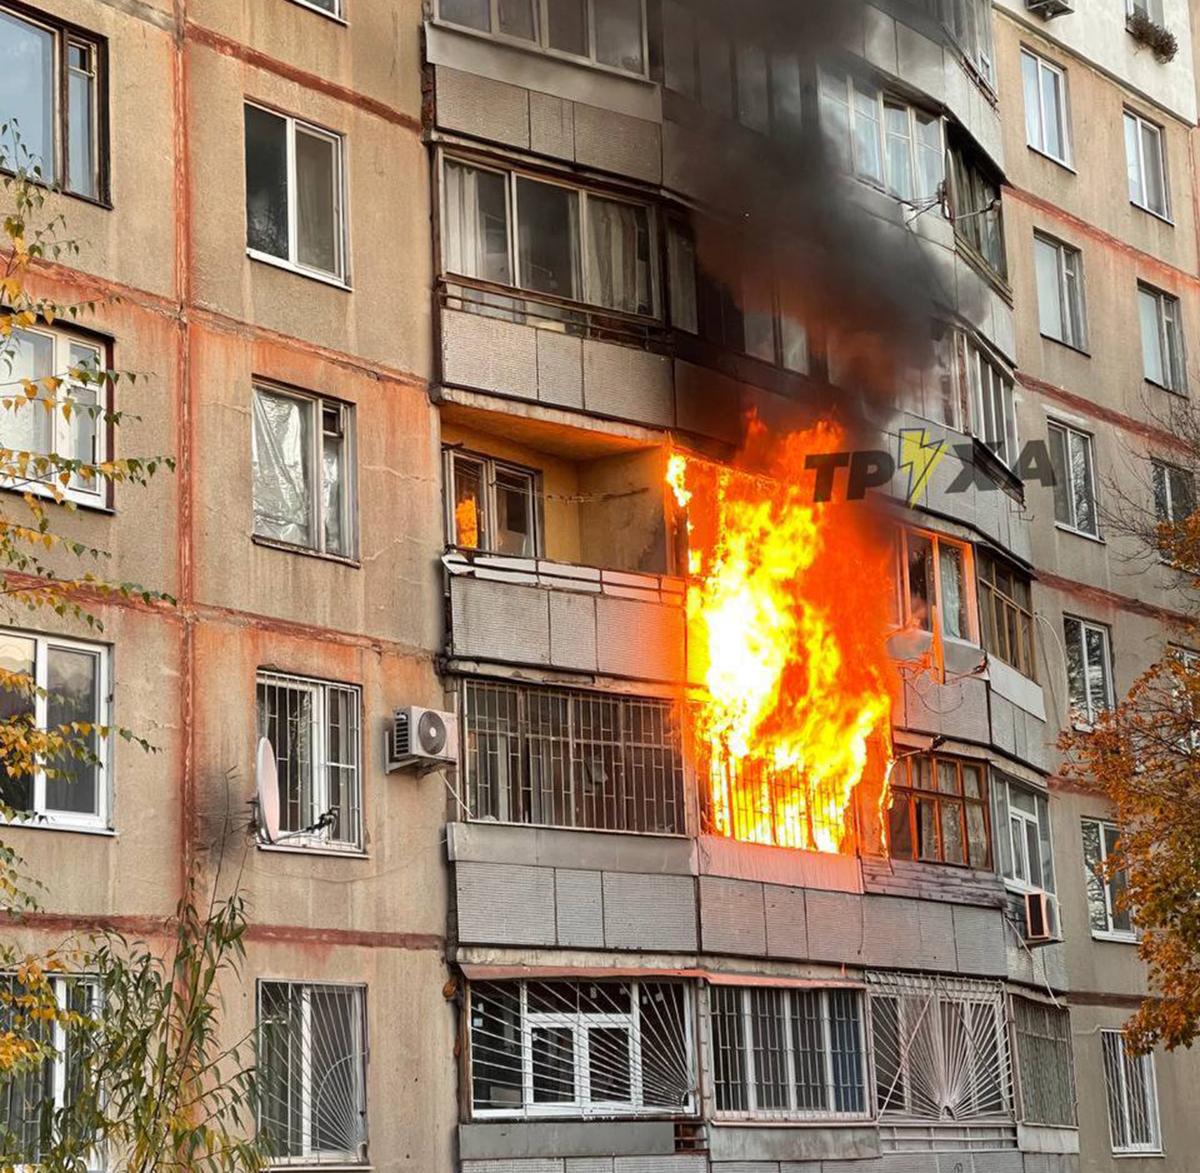 Пожар в Харькове: В многоэтажке на улице Холодногорской горел балкон на втором этаже